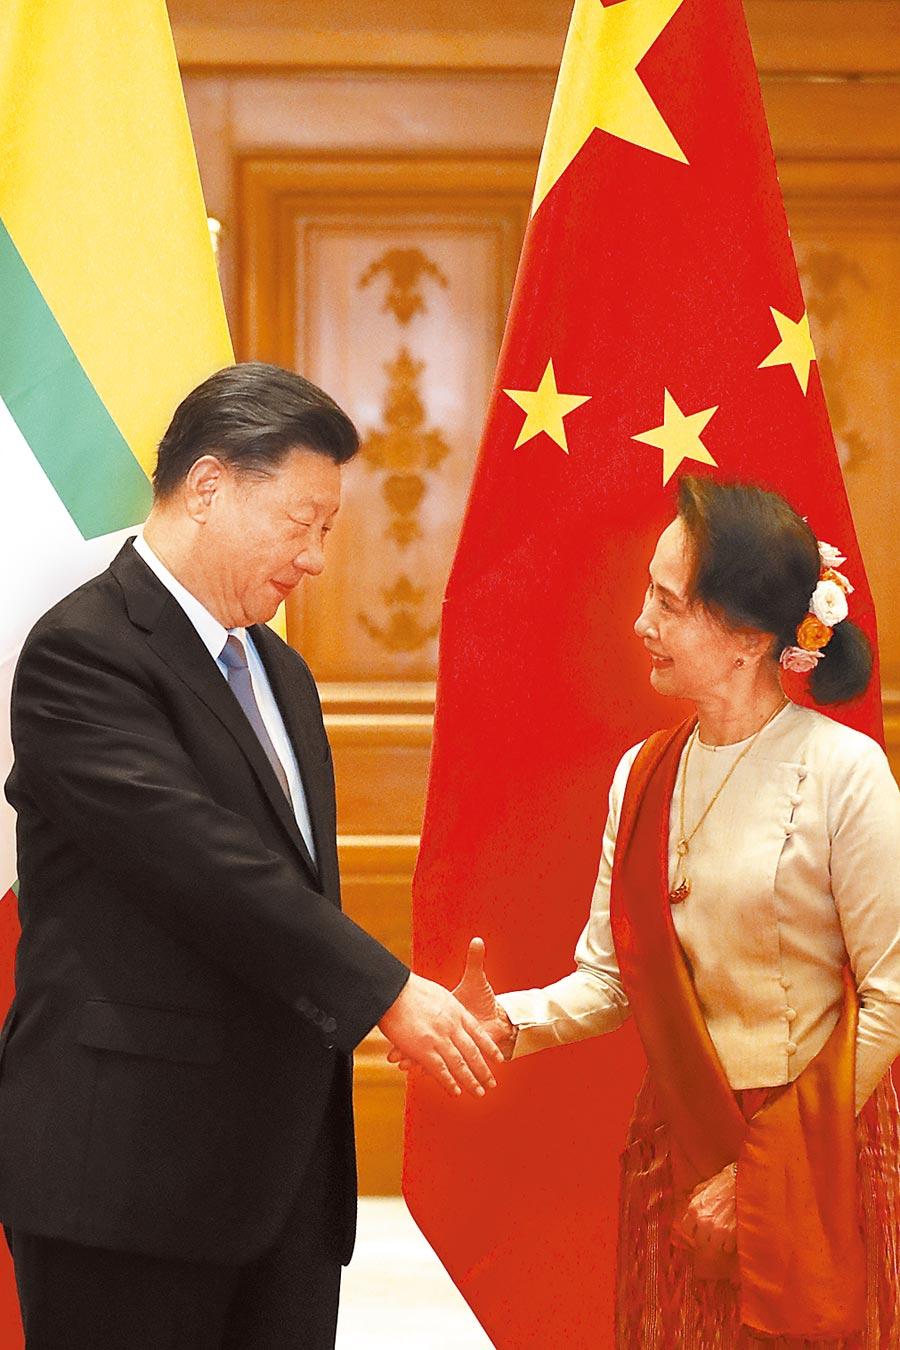 大陸國家主席習近平(左)在奈比多總統府出席緬甸總統溫敏舉行的歡迎儀式後,緬甸國務資政翁山蘇姬(右)專程前往總統府歡迎和問候習近平。 (美聯社)